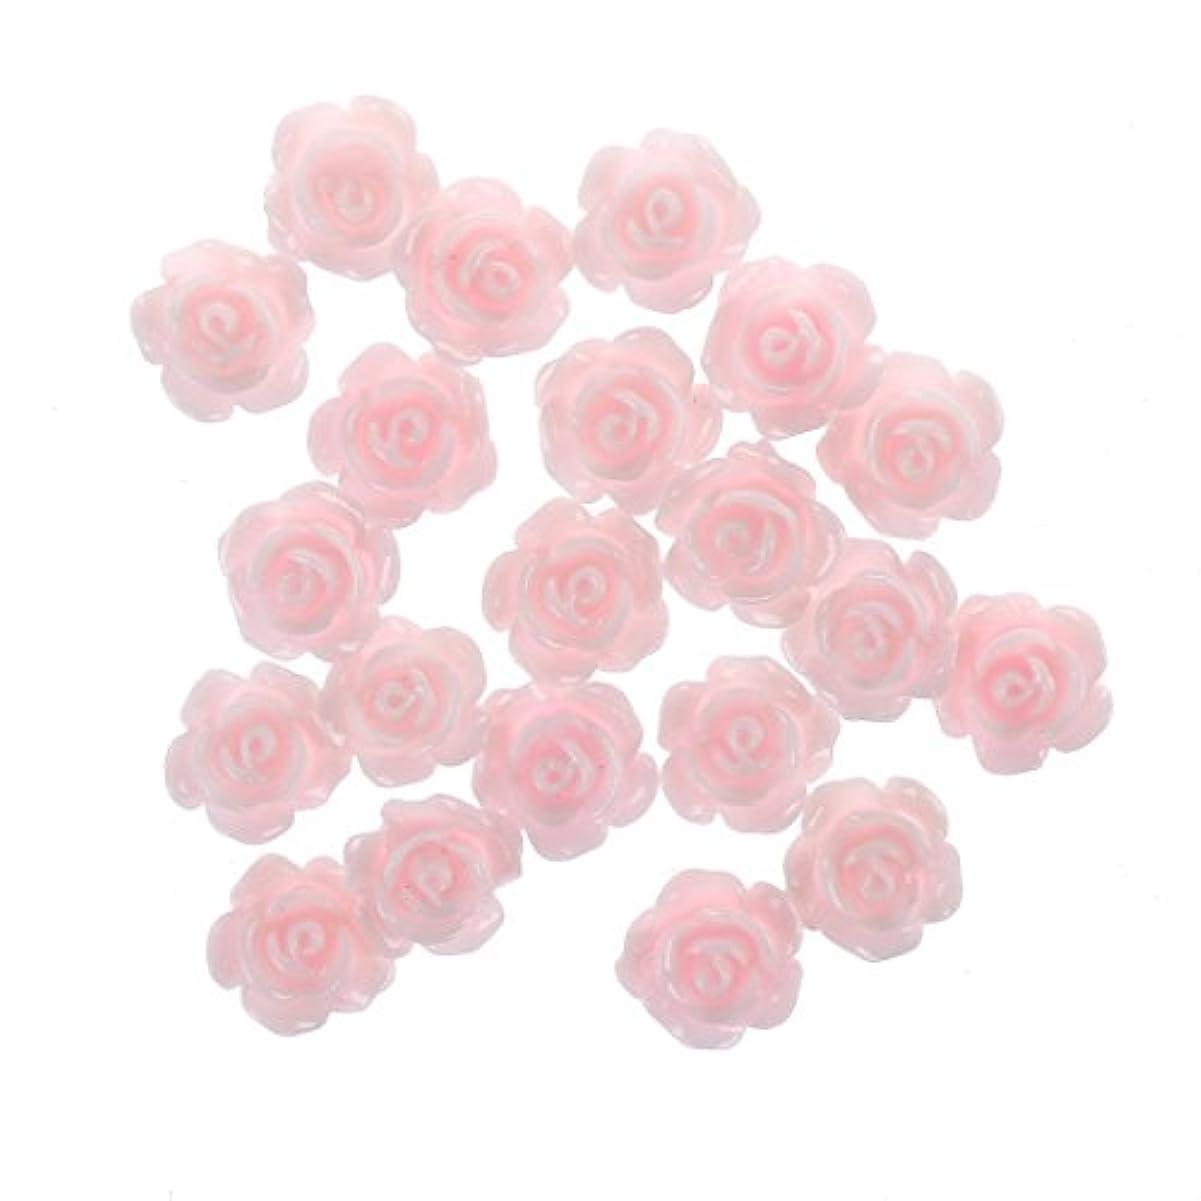 ボックス重なる連鎖ネイルアート,SODIAL(R)20x3Dピンクの小さいバラ ラインストーン付きネイルアート装飾